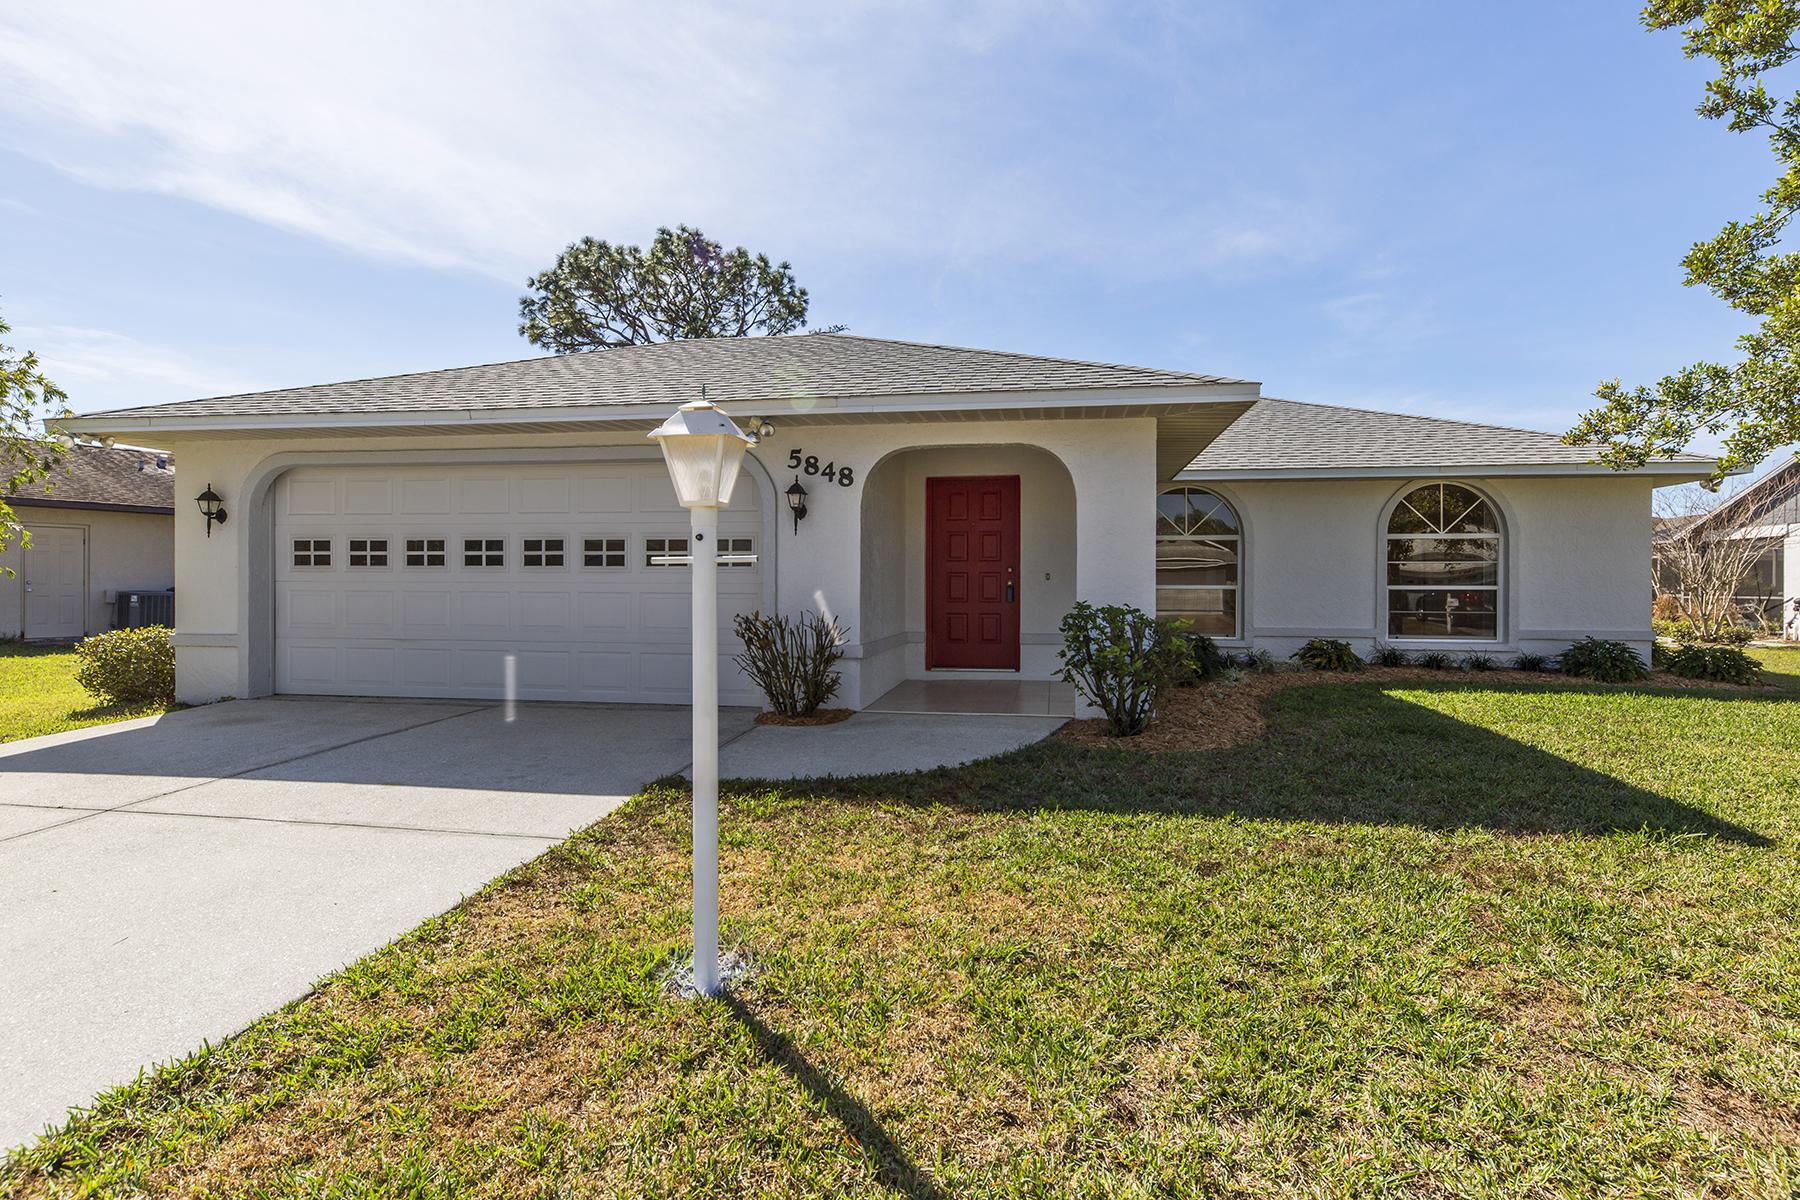 واحد منزل الأسرة للـ Sale في CEDAR CREEK 5848 Milton Ave, Sarasota, Florida, 34243 United States